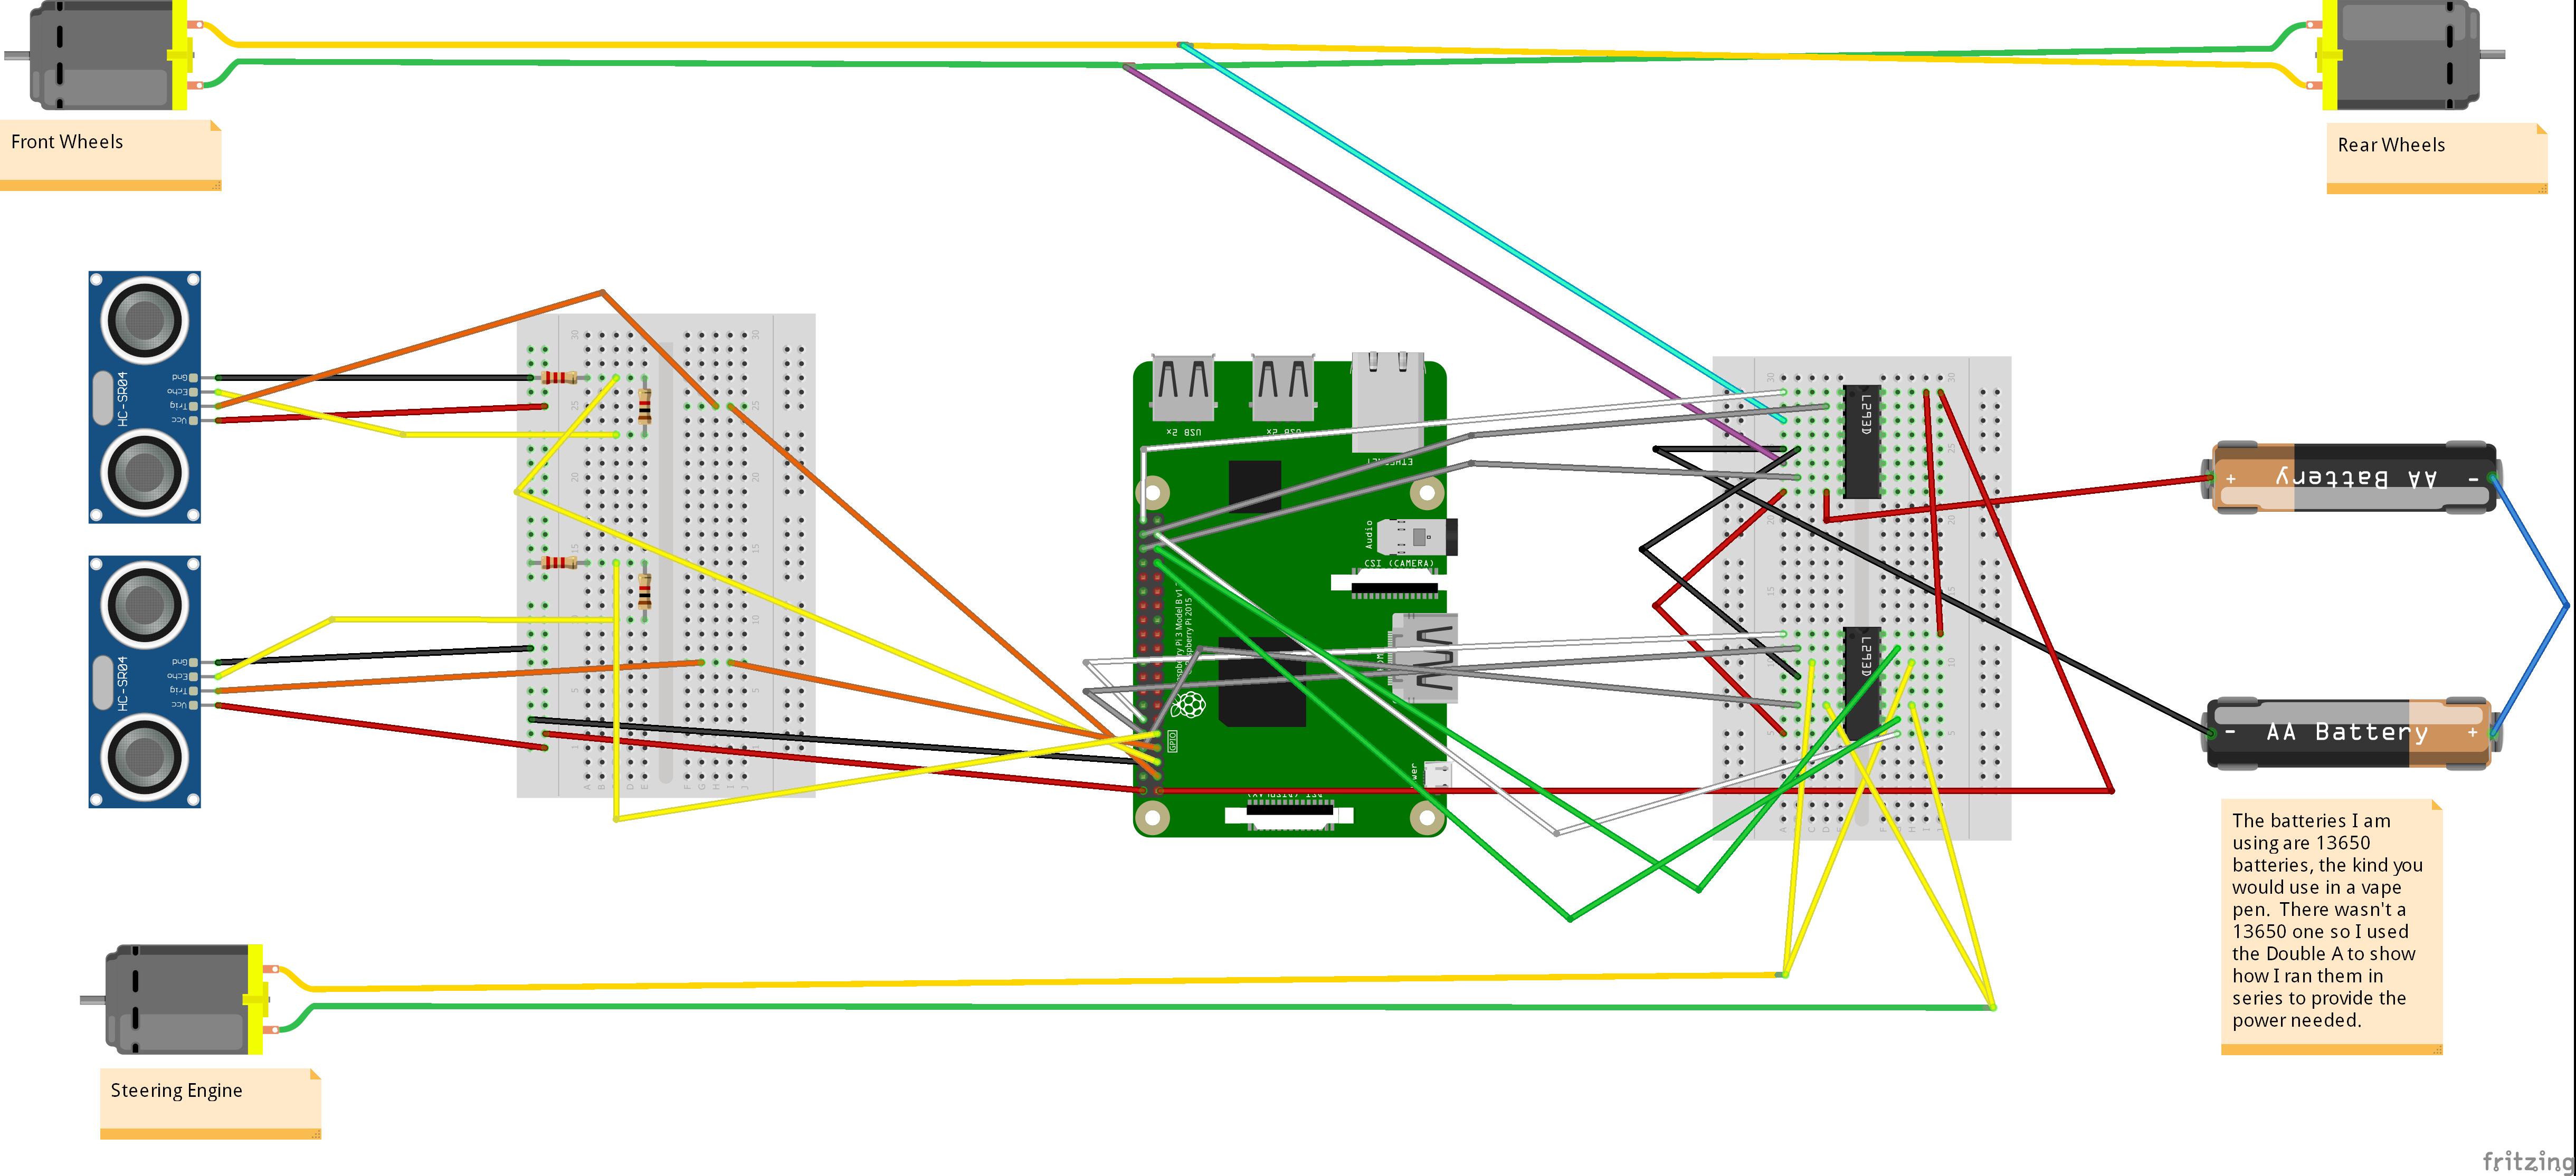 Raspberrycar schematic1 bb s5wmg35de2